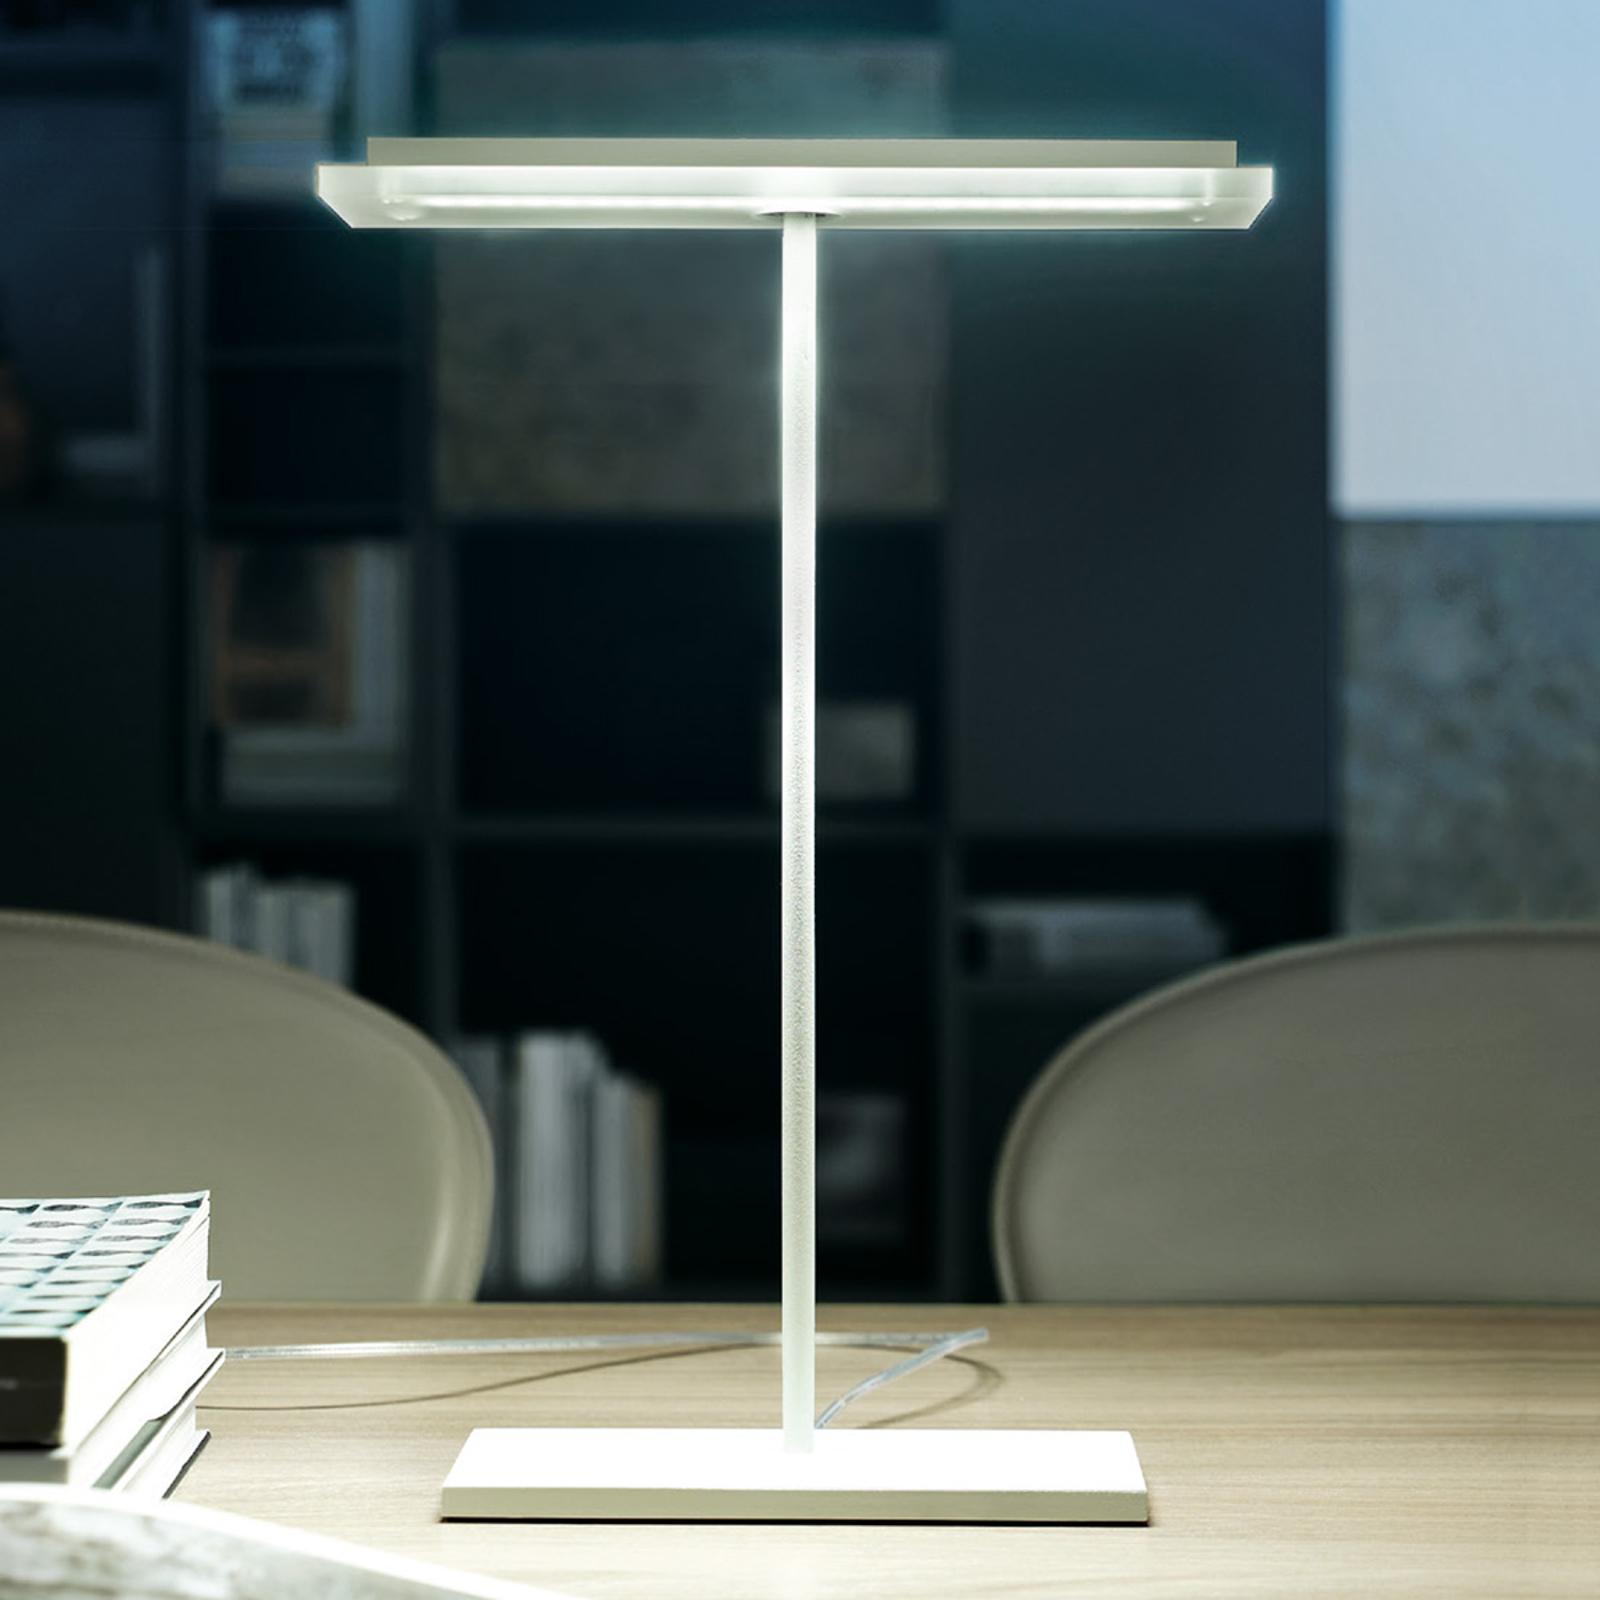 Flache LED-Tischleuchte Dublight LED